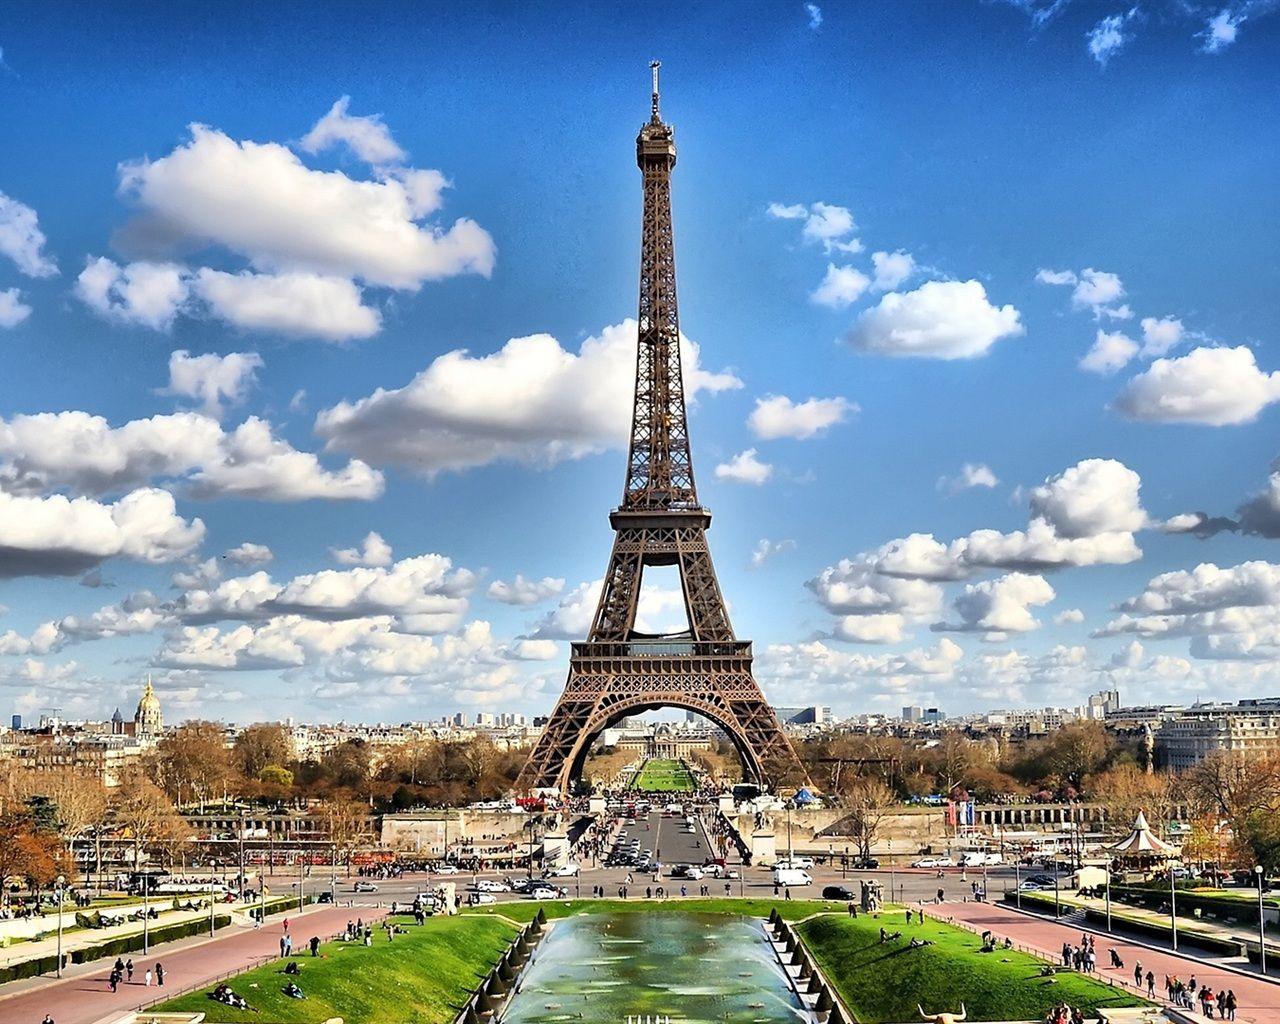 Paris Fond D écran Ipad Mini Qui Bougetélécharger Ce Fond D